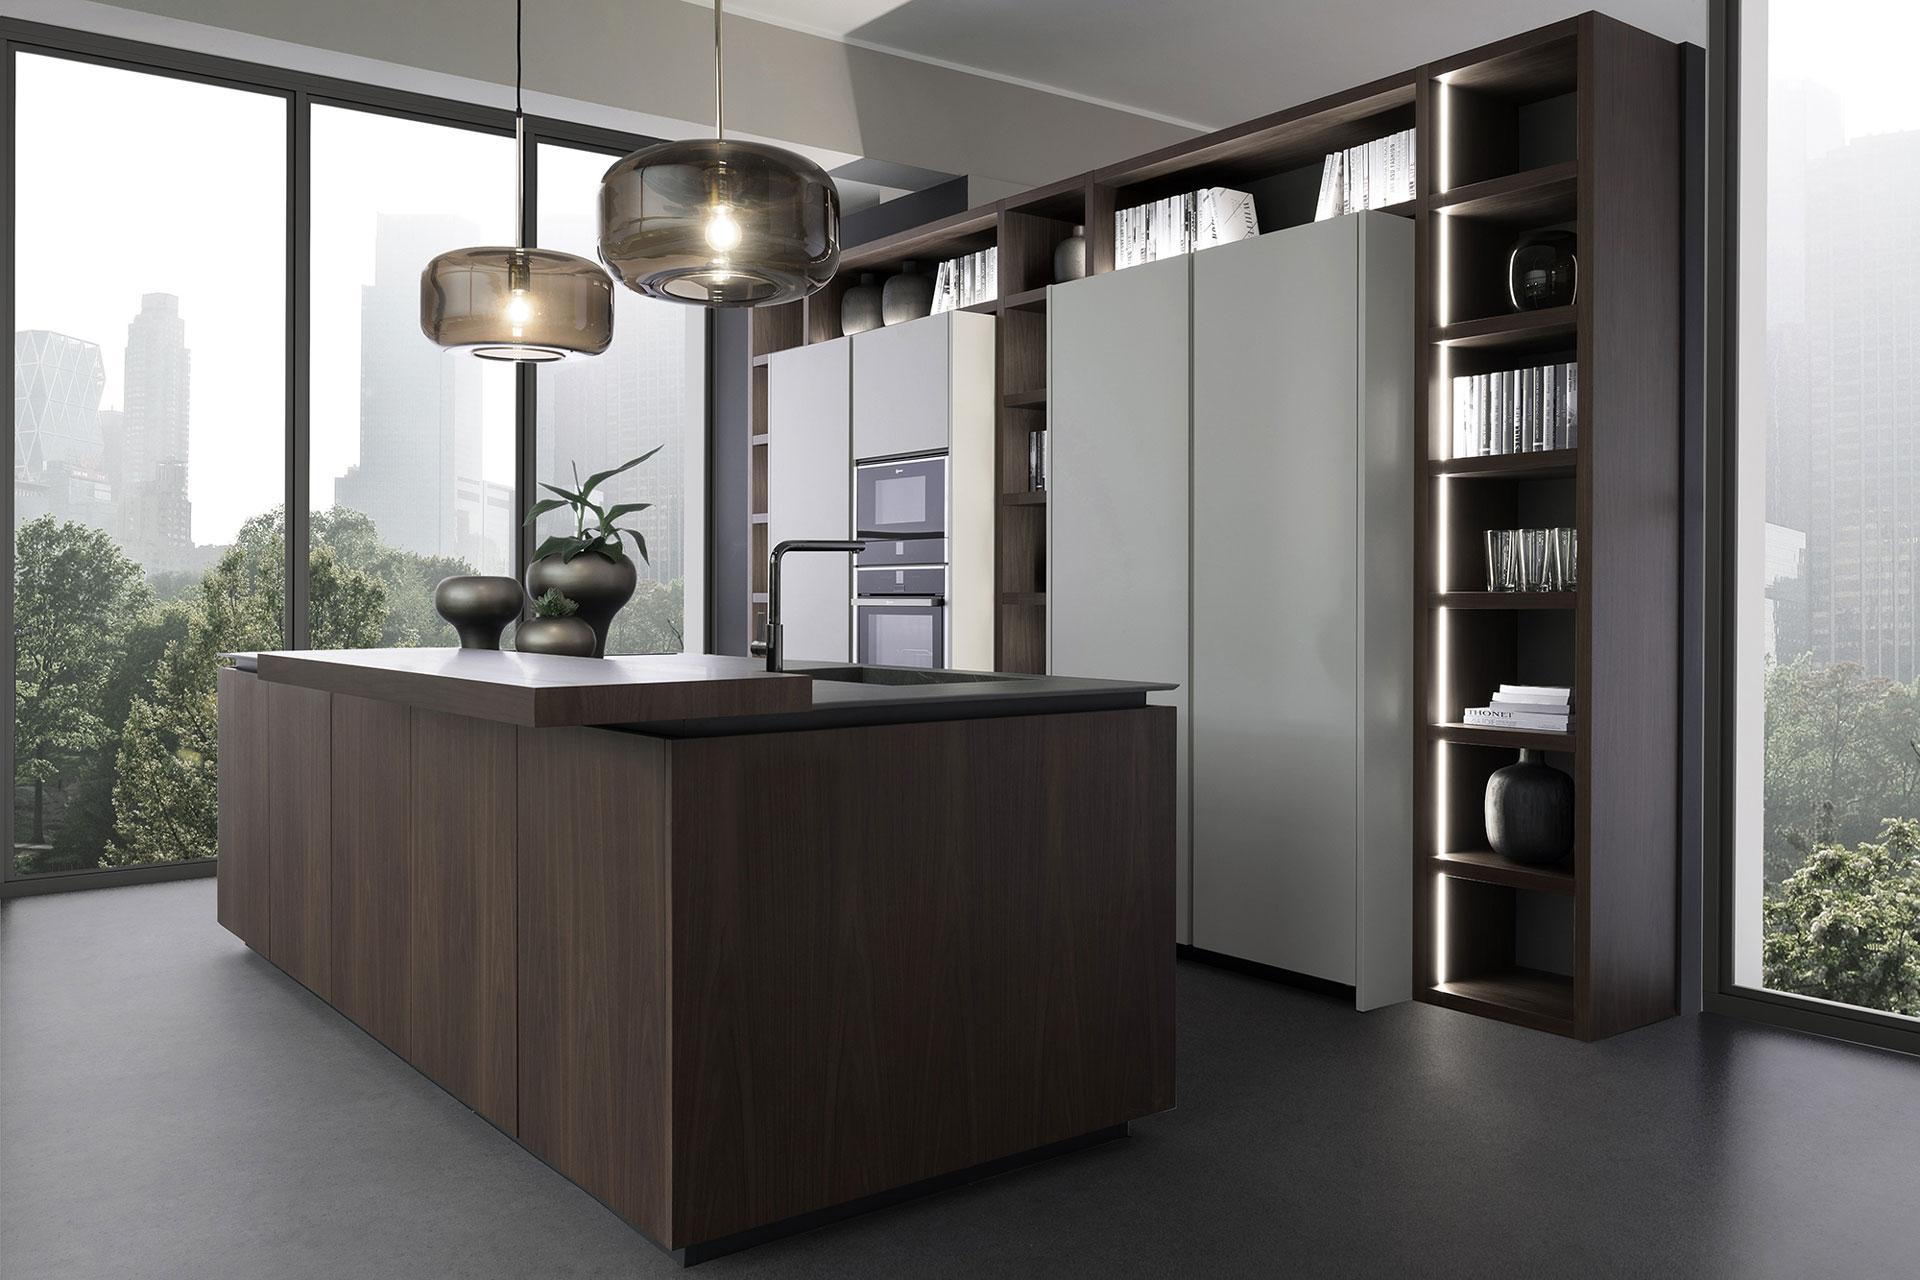 living kitchen - cucine